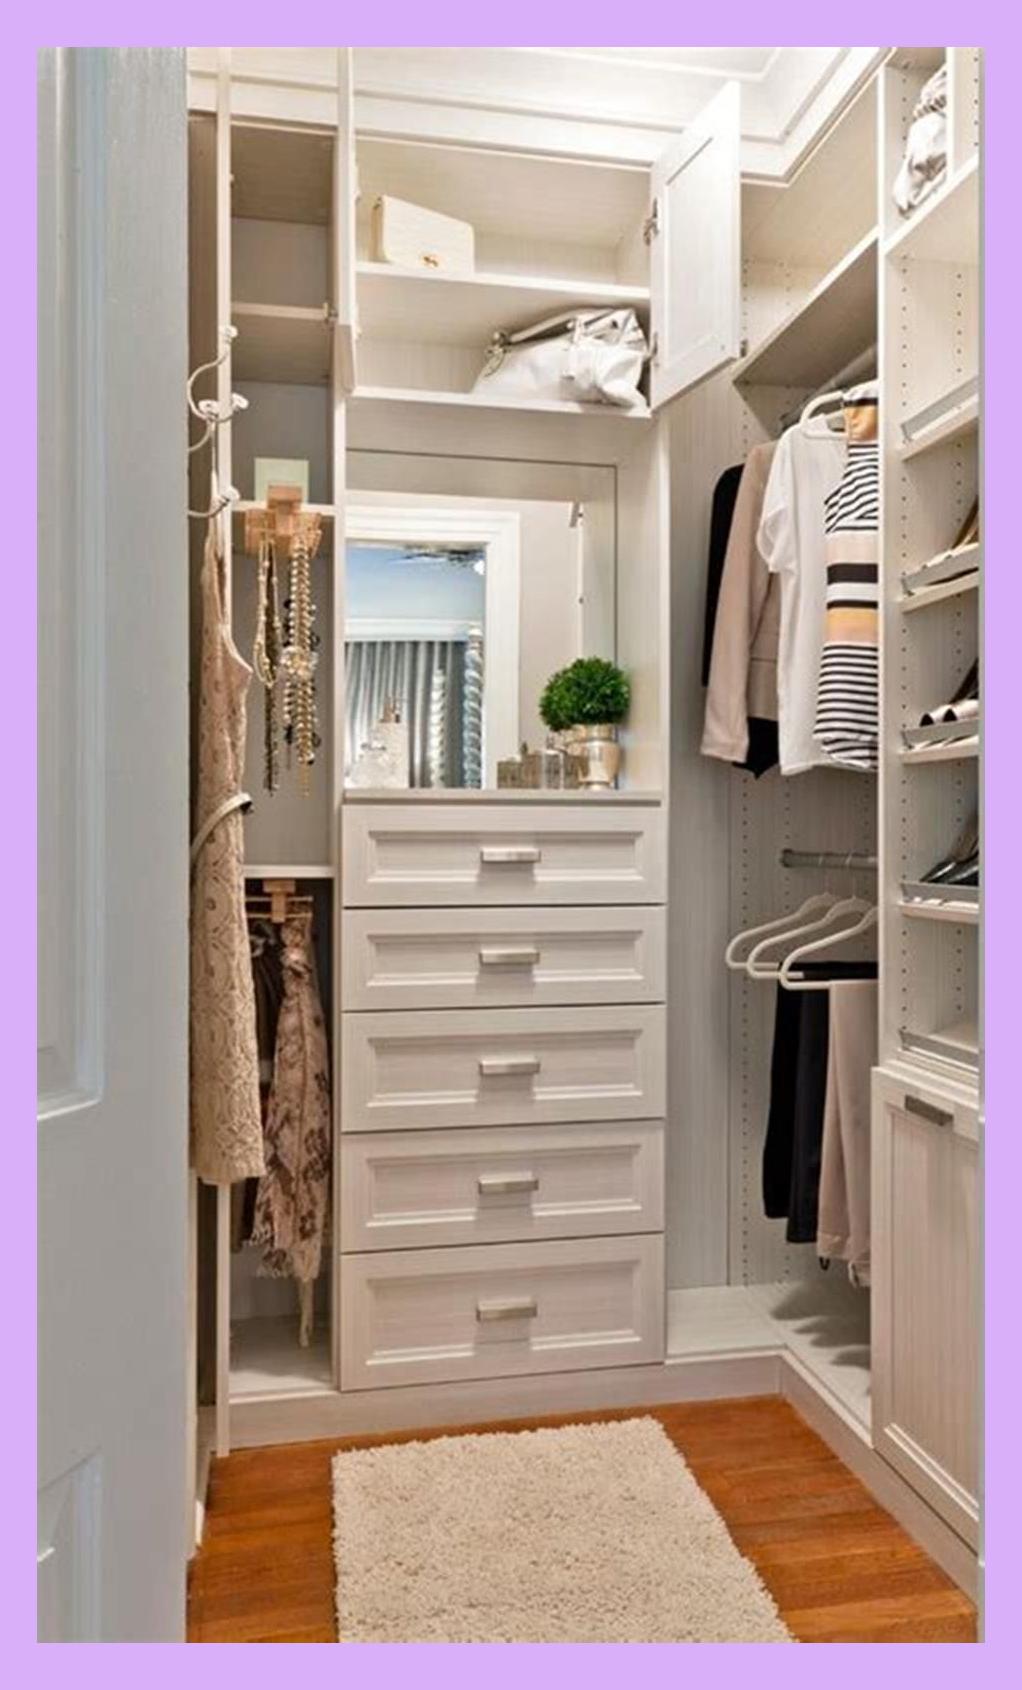 Pinterest In 2020 Bedroom Organization Closet Master Bedroom